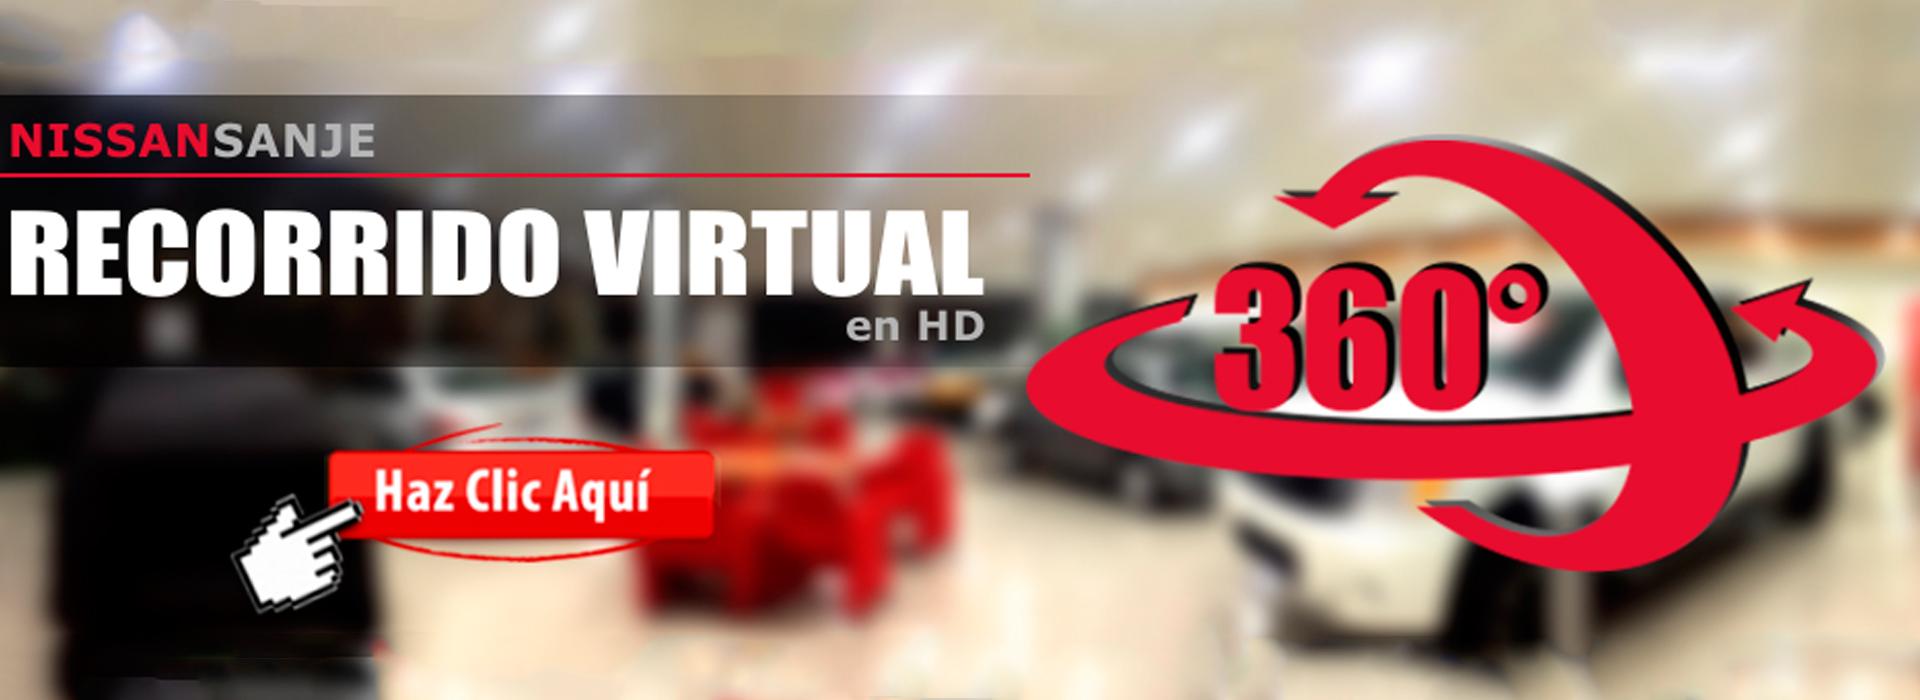 Recorrido Virtual